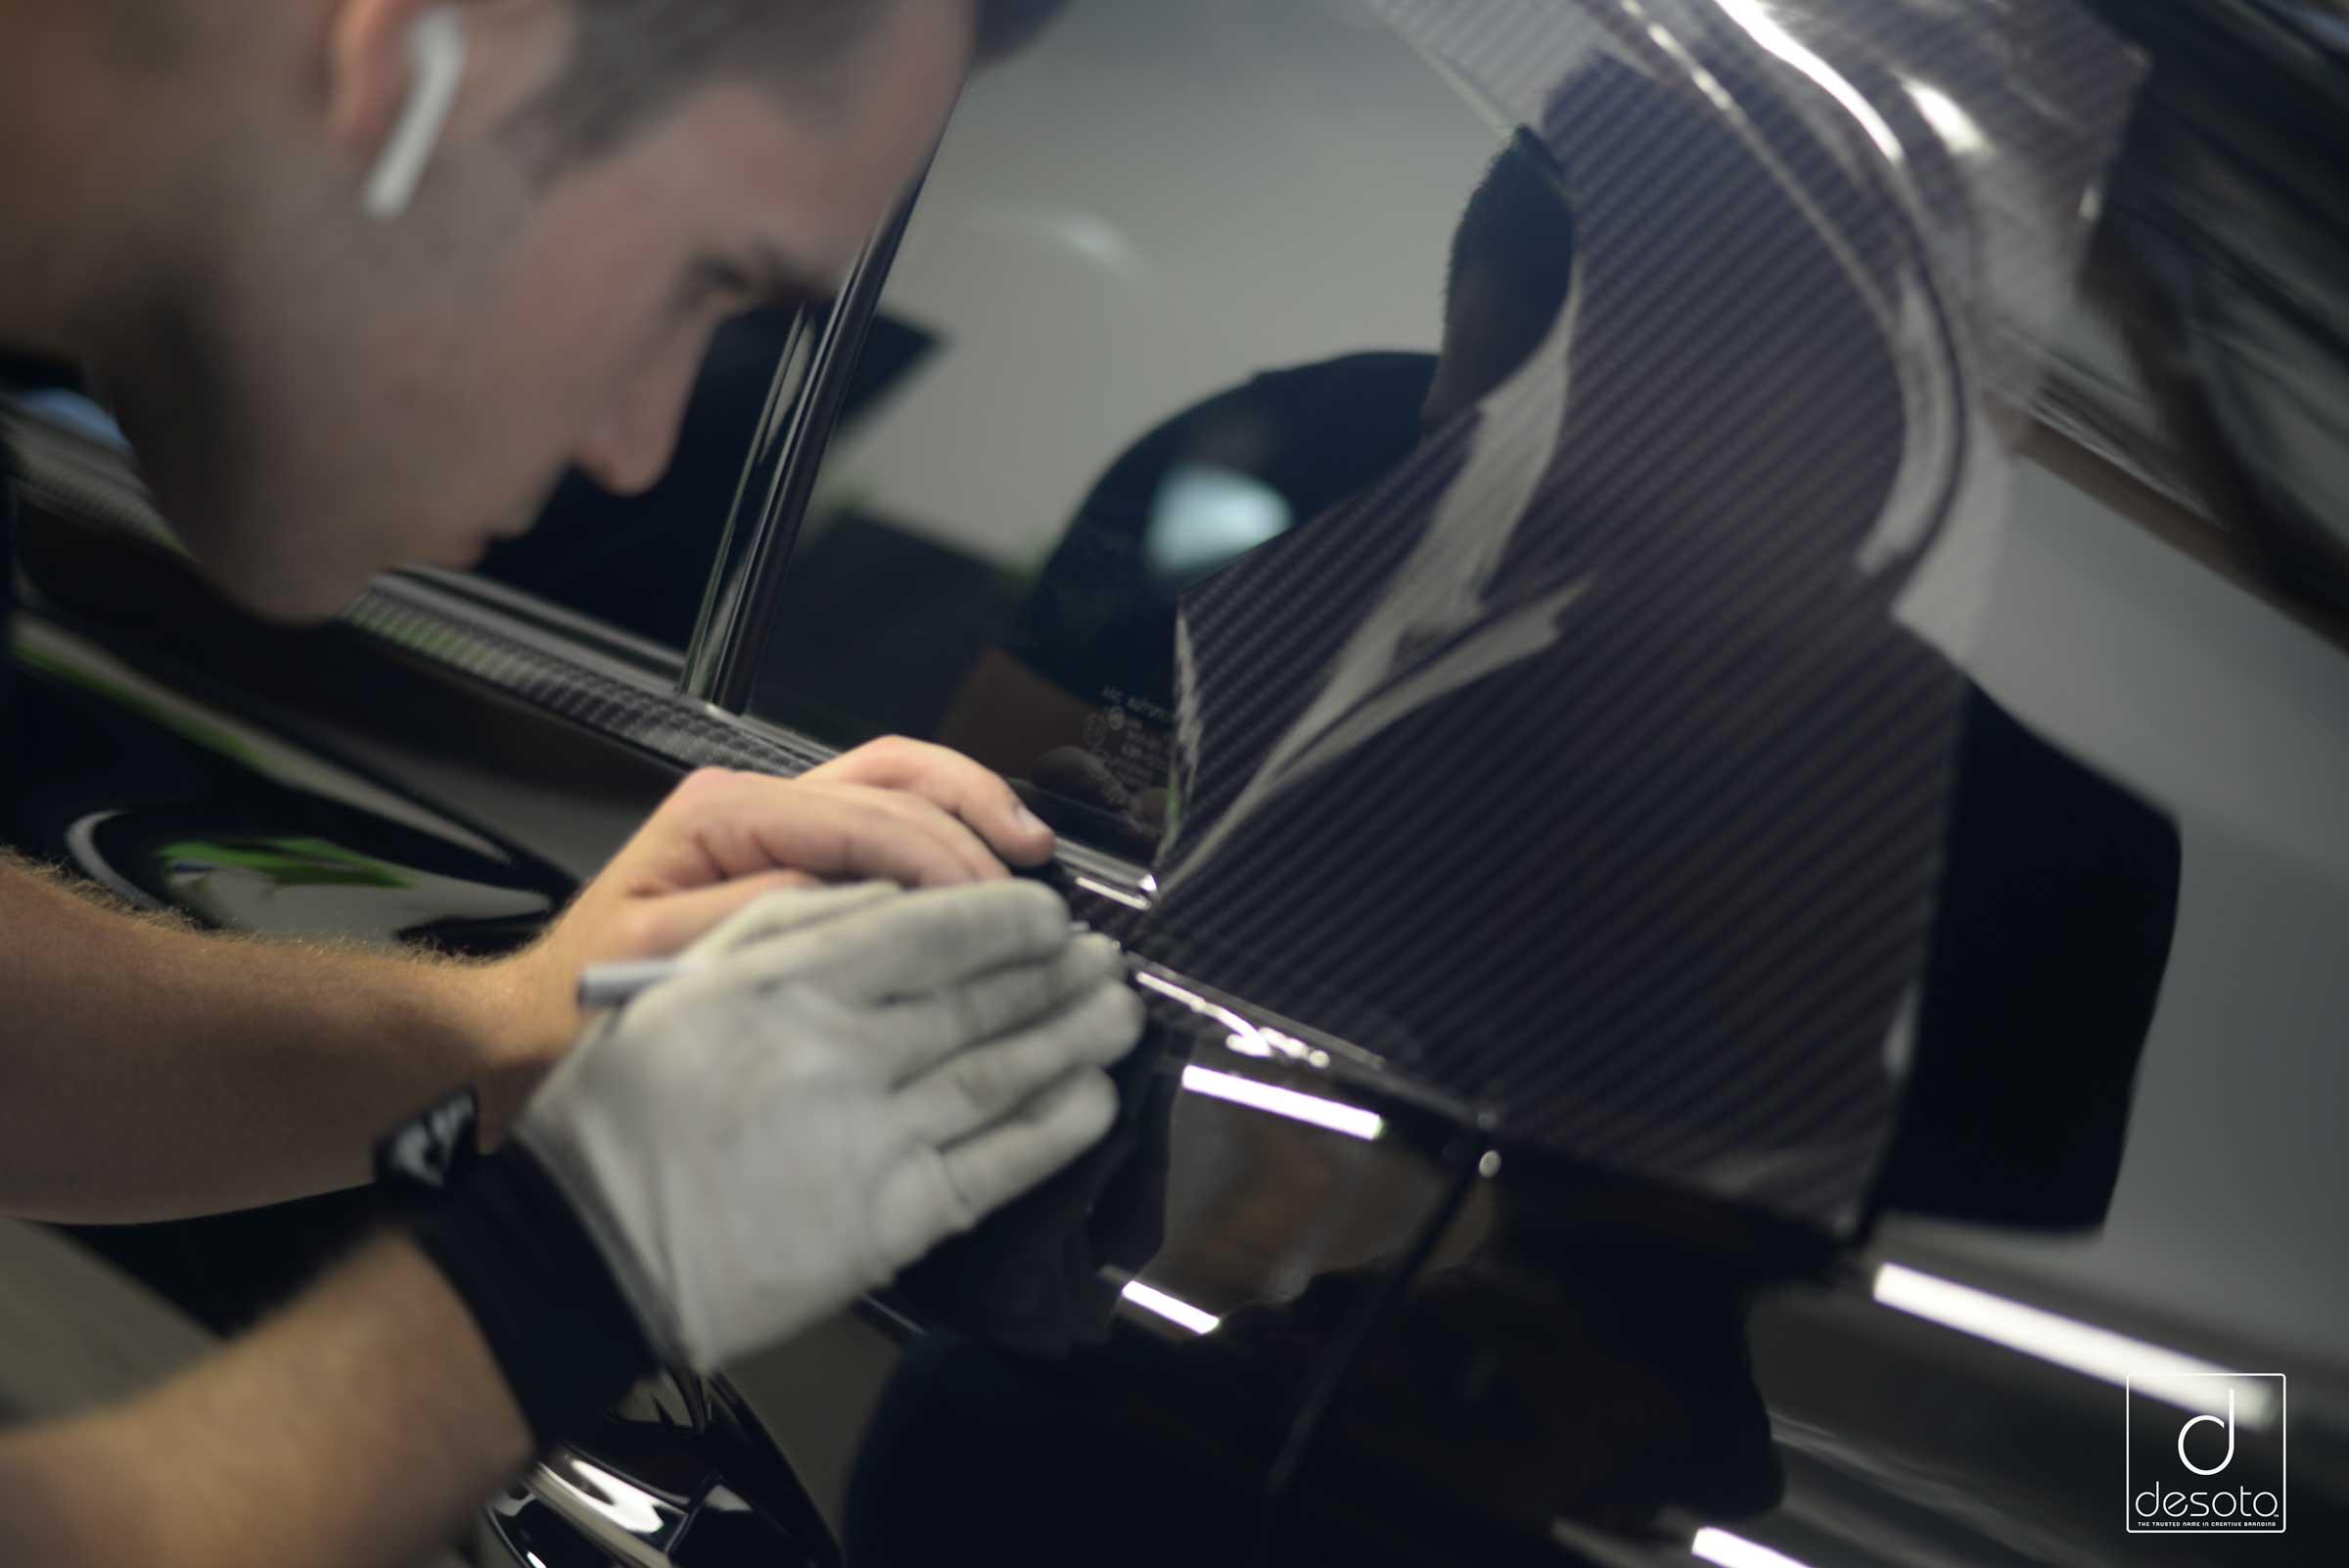 Carbon Fiber accents on a Lexus